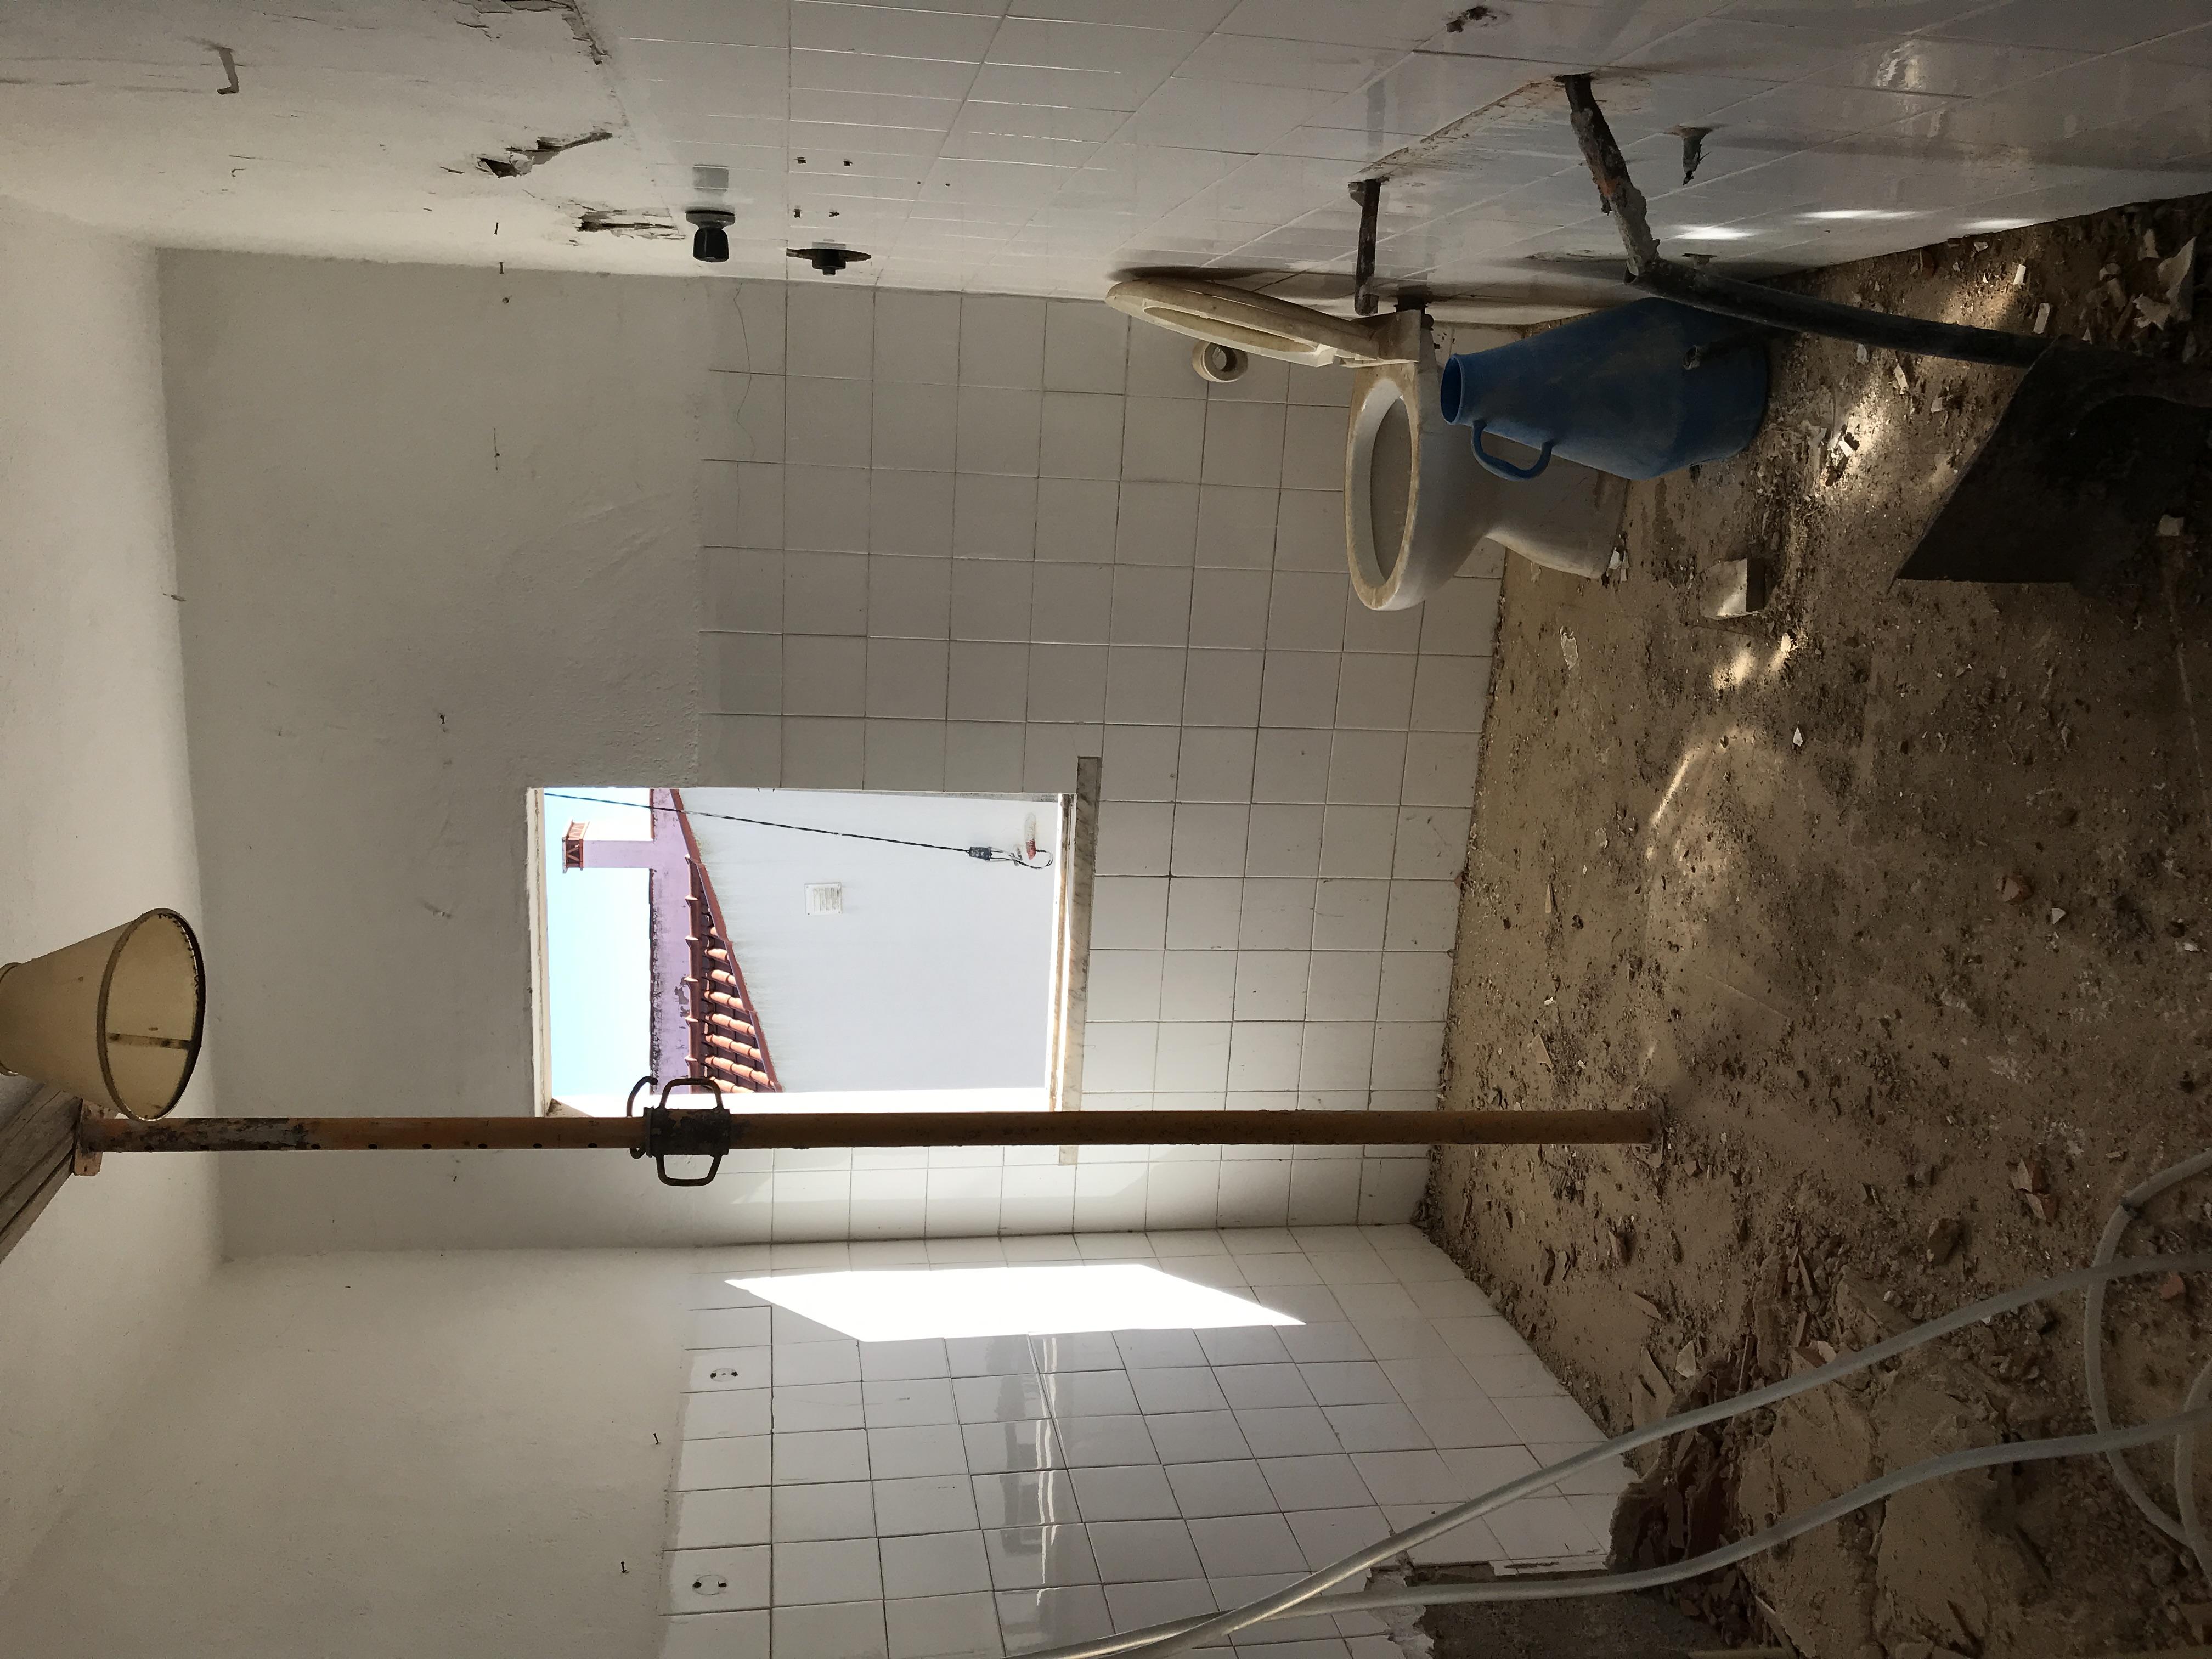 casa de banhoantes